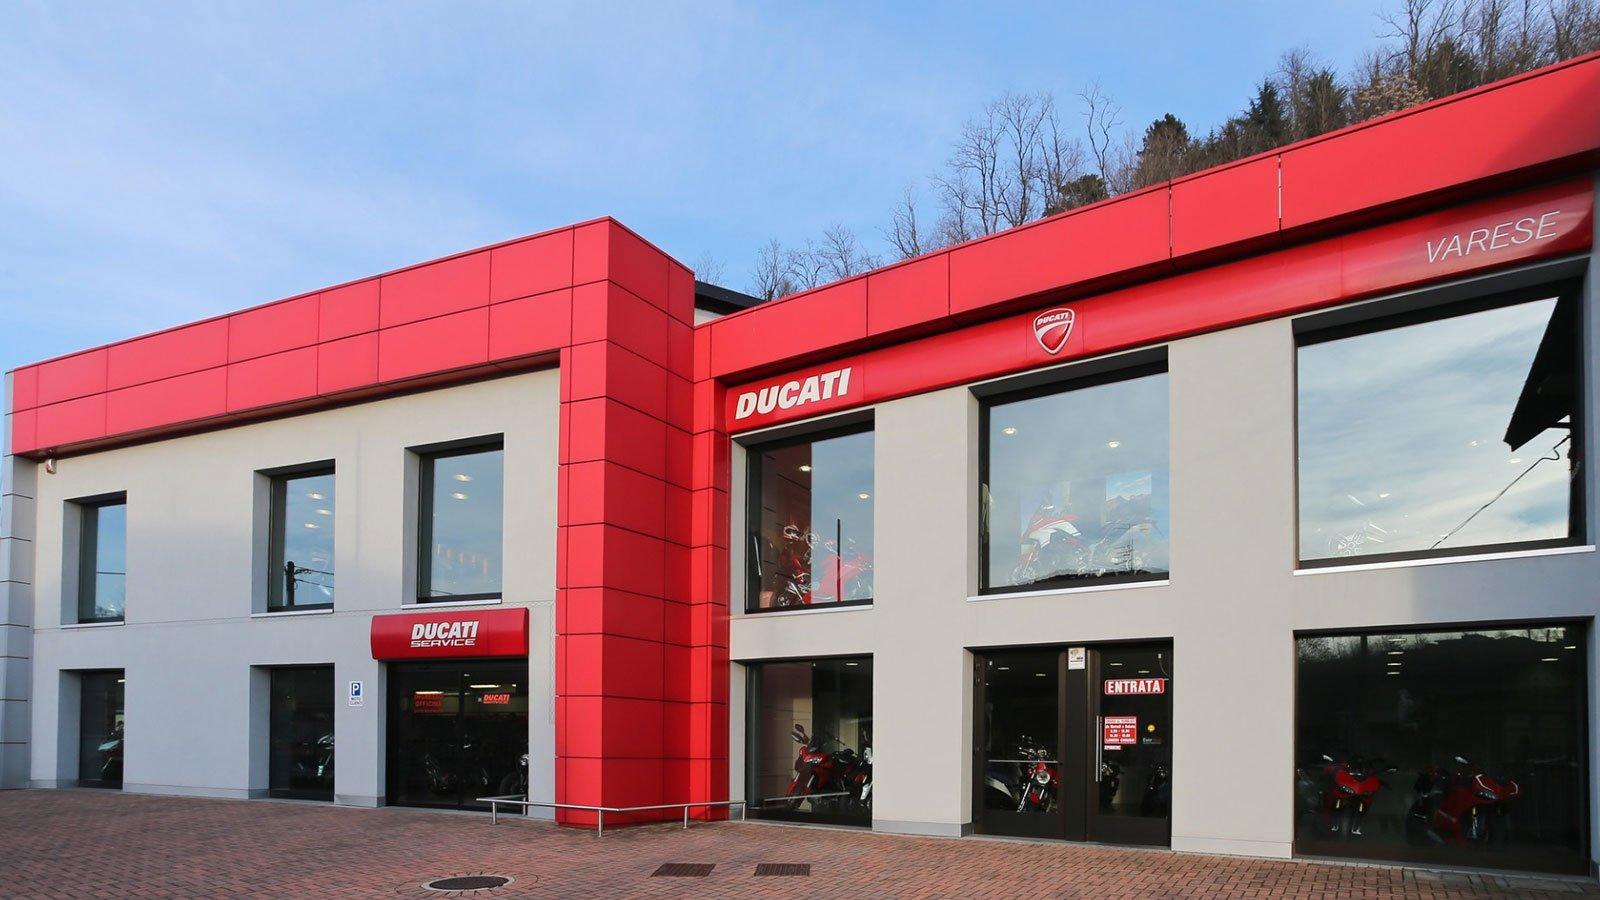 vista dall'esterno dello showroom Ducati